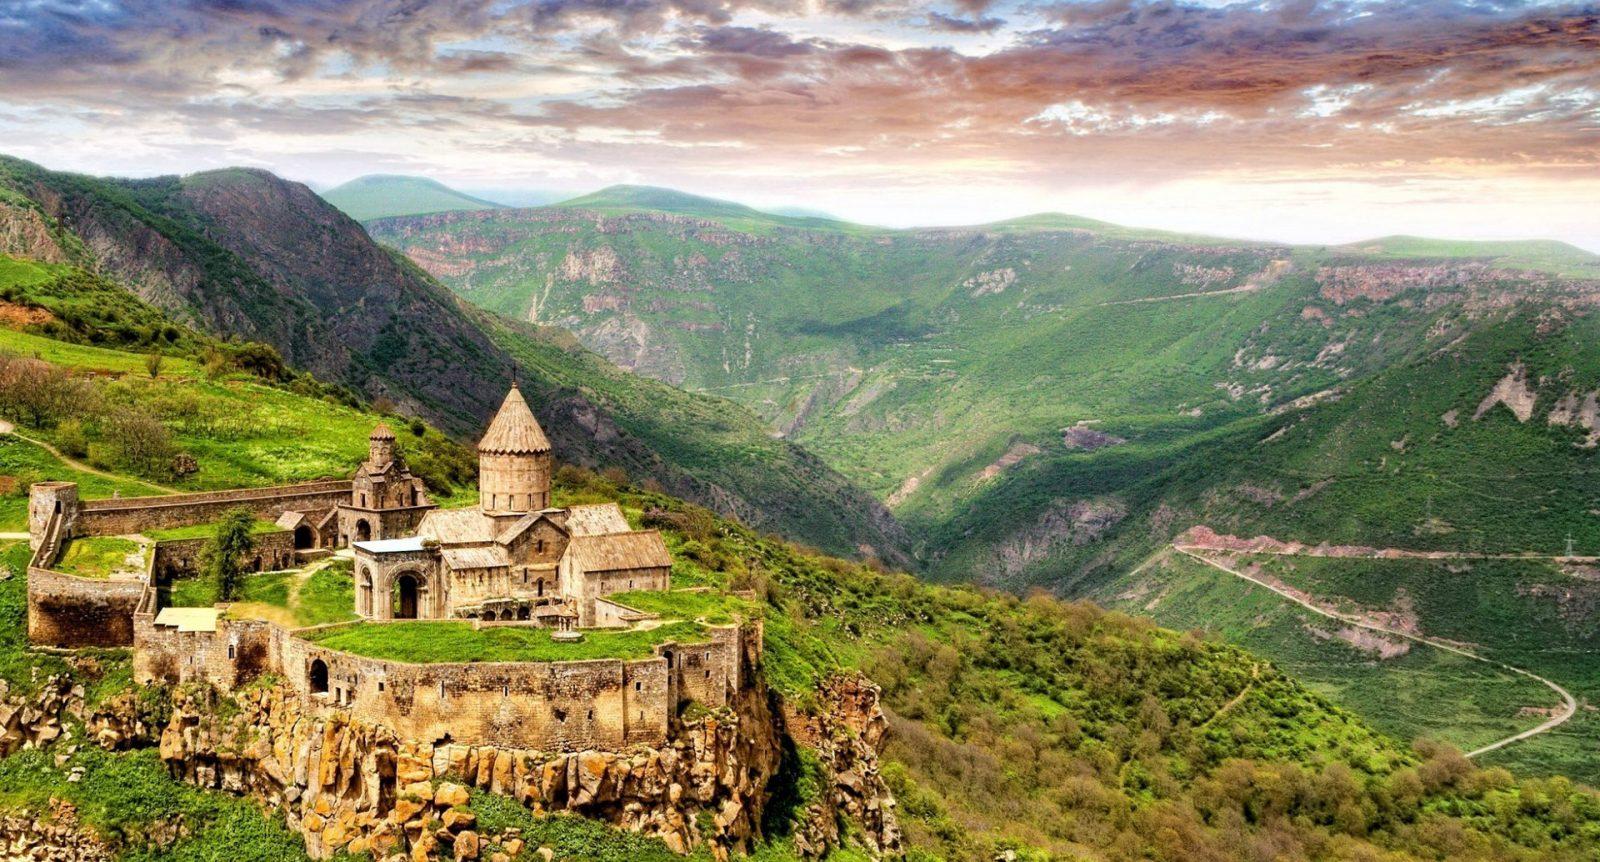 سفر زمینی به ایروان/ارمنستان از مرز نوردوز